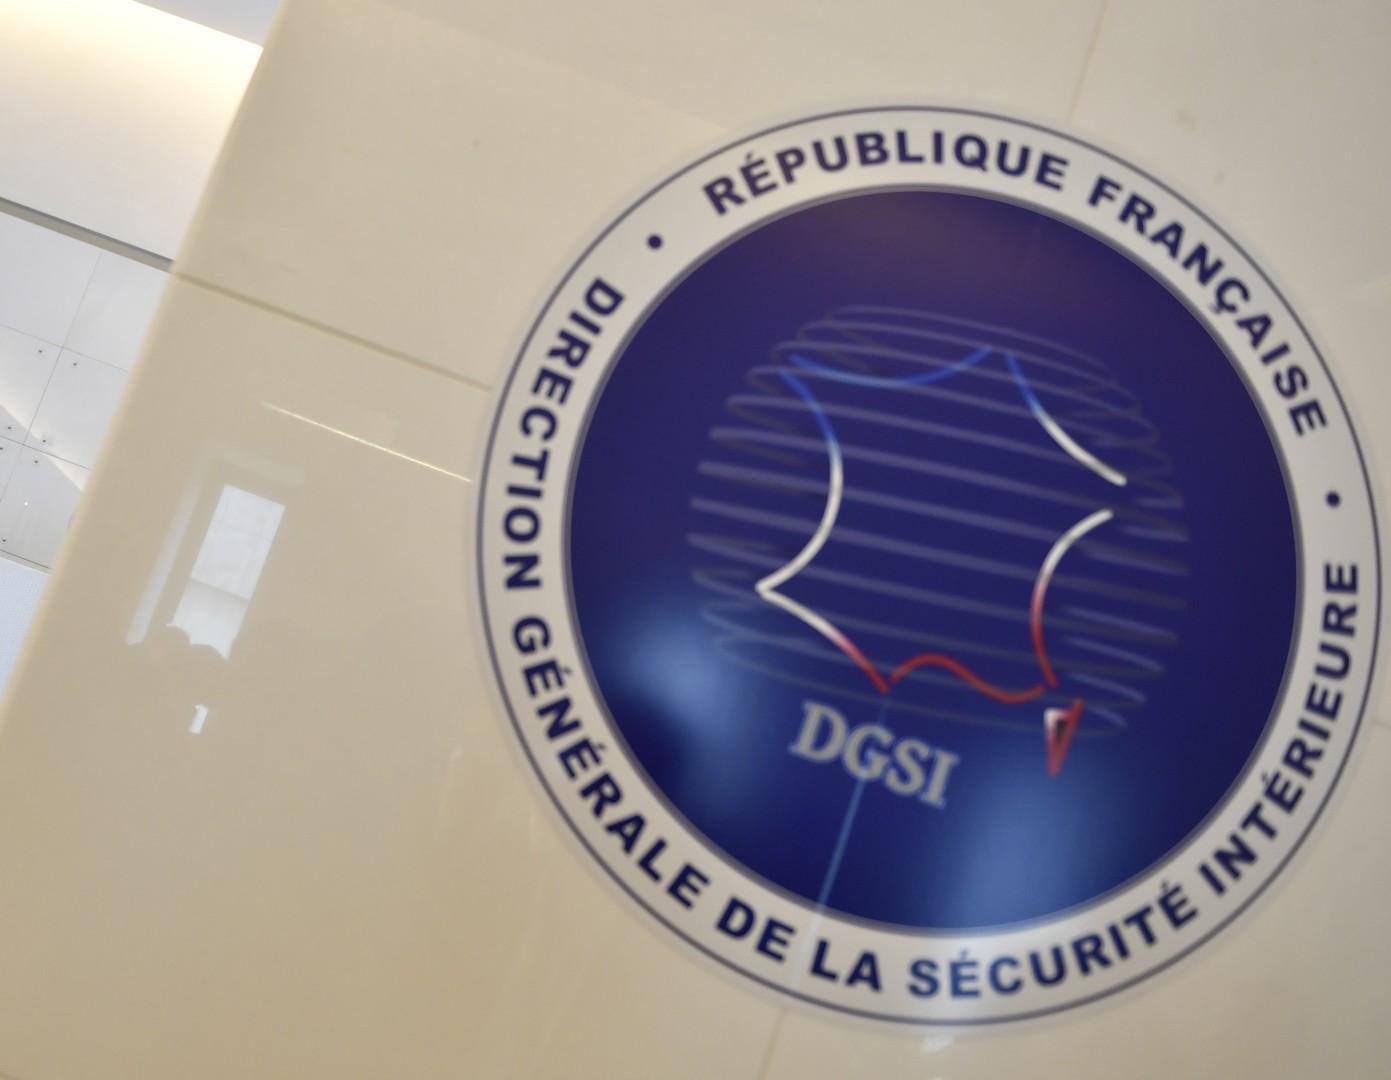 Gilets jaunes: aucune preuve d'implication russe à ce jour, selon un cadre du renseignement français